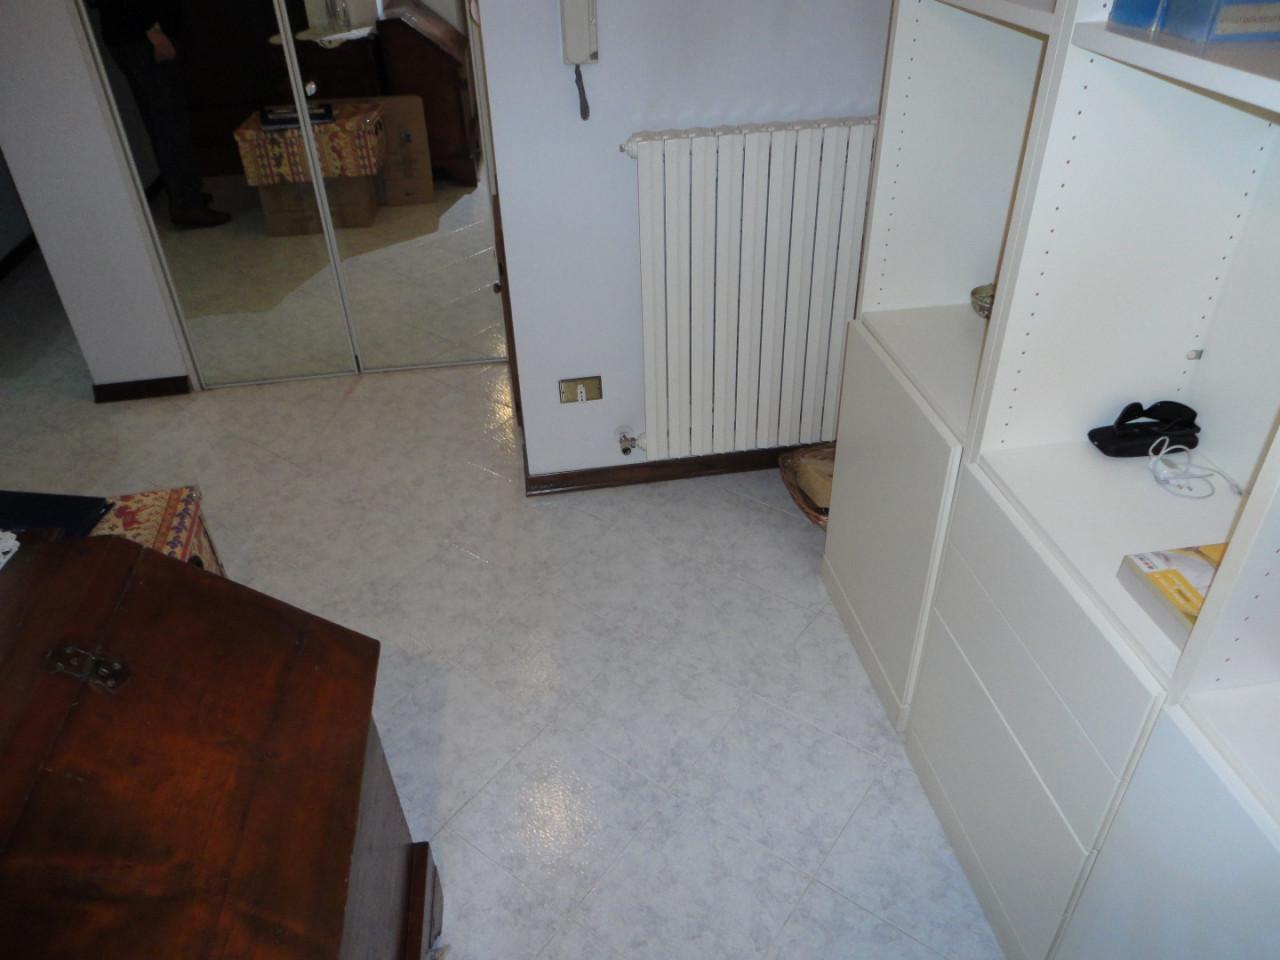 L497 Appartamento 3 camere duplex in affitto ad Abano Terme https://media.gestionaleimmobiliare.it/foto/annunci/200214/2161814/1280x1280/002__02_ingresso.jpg